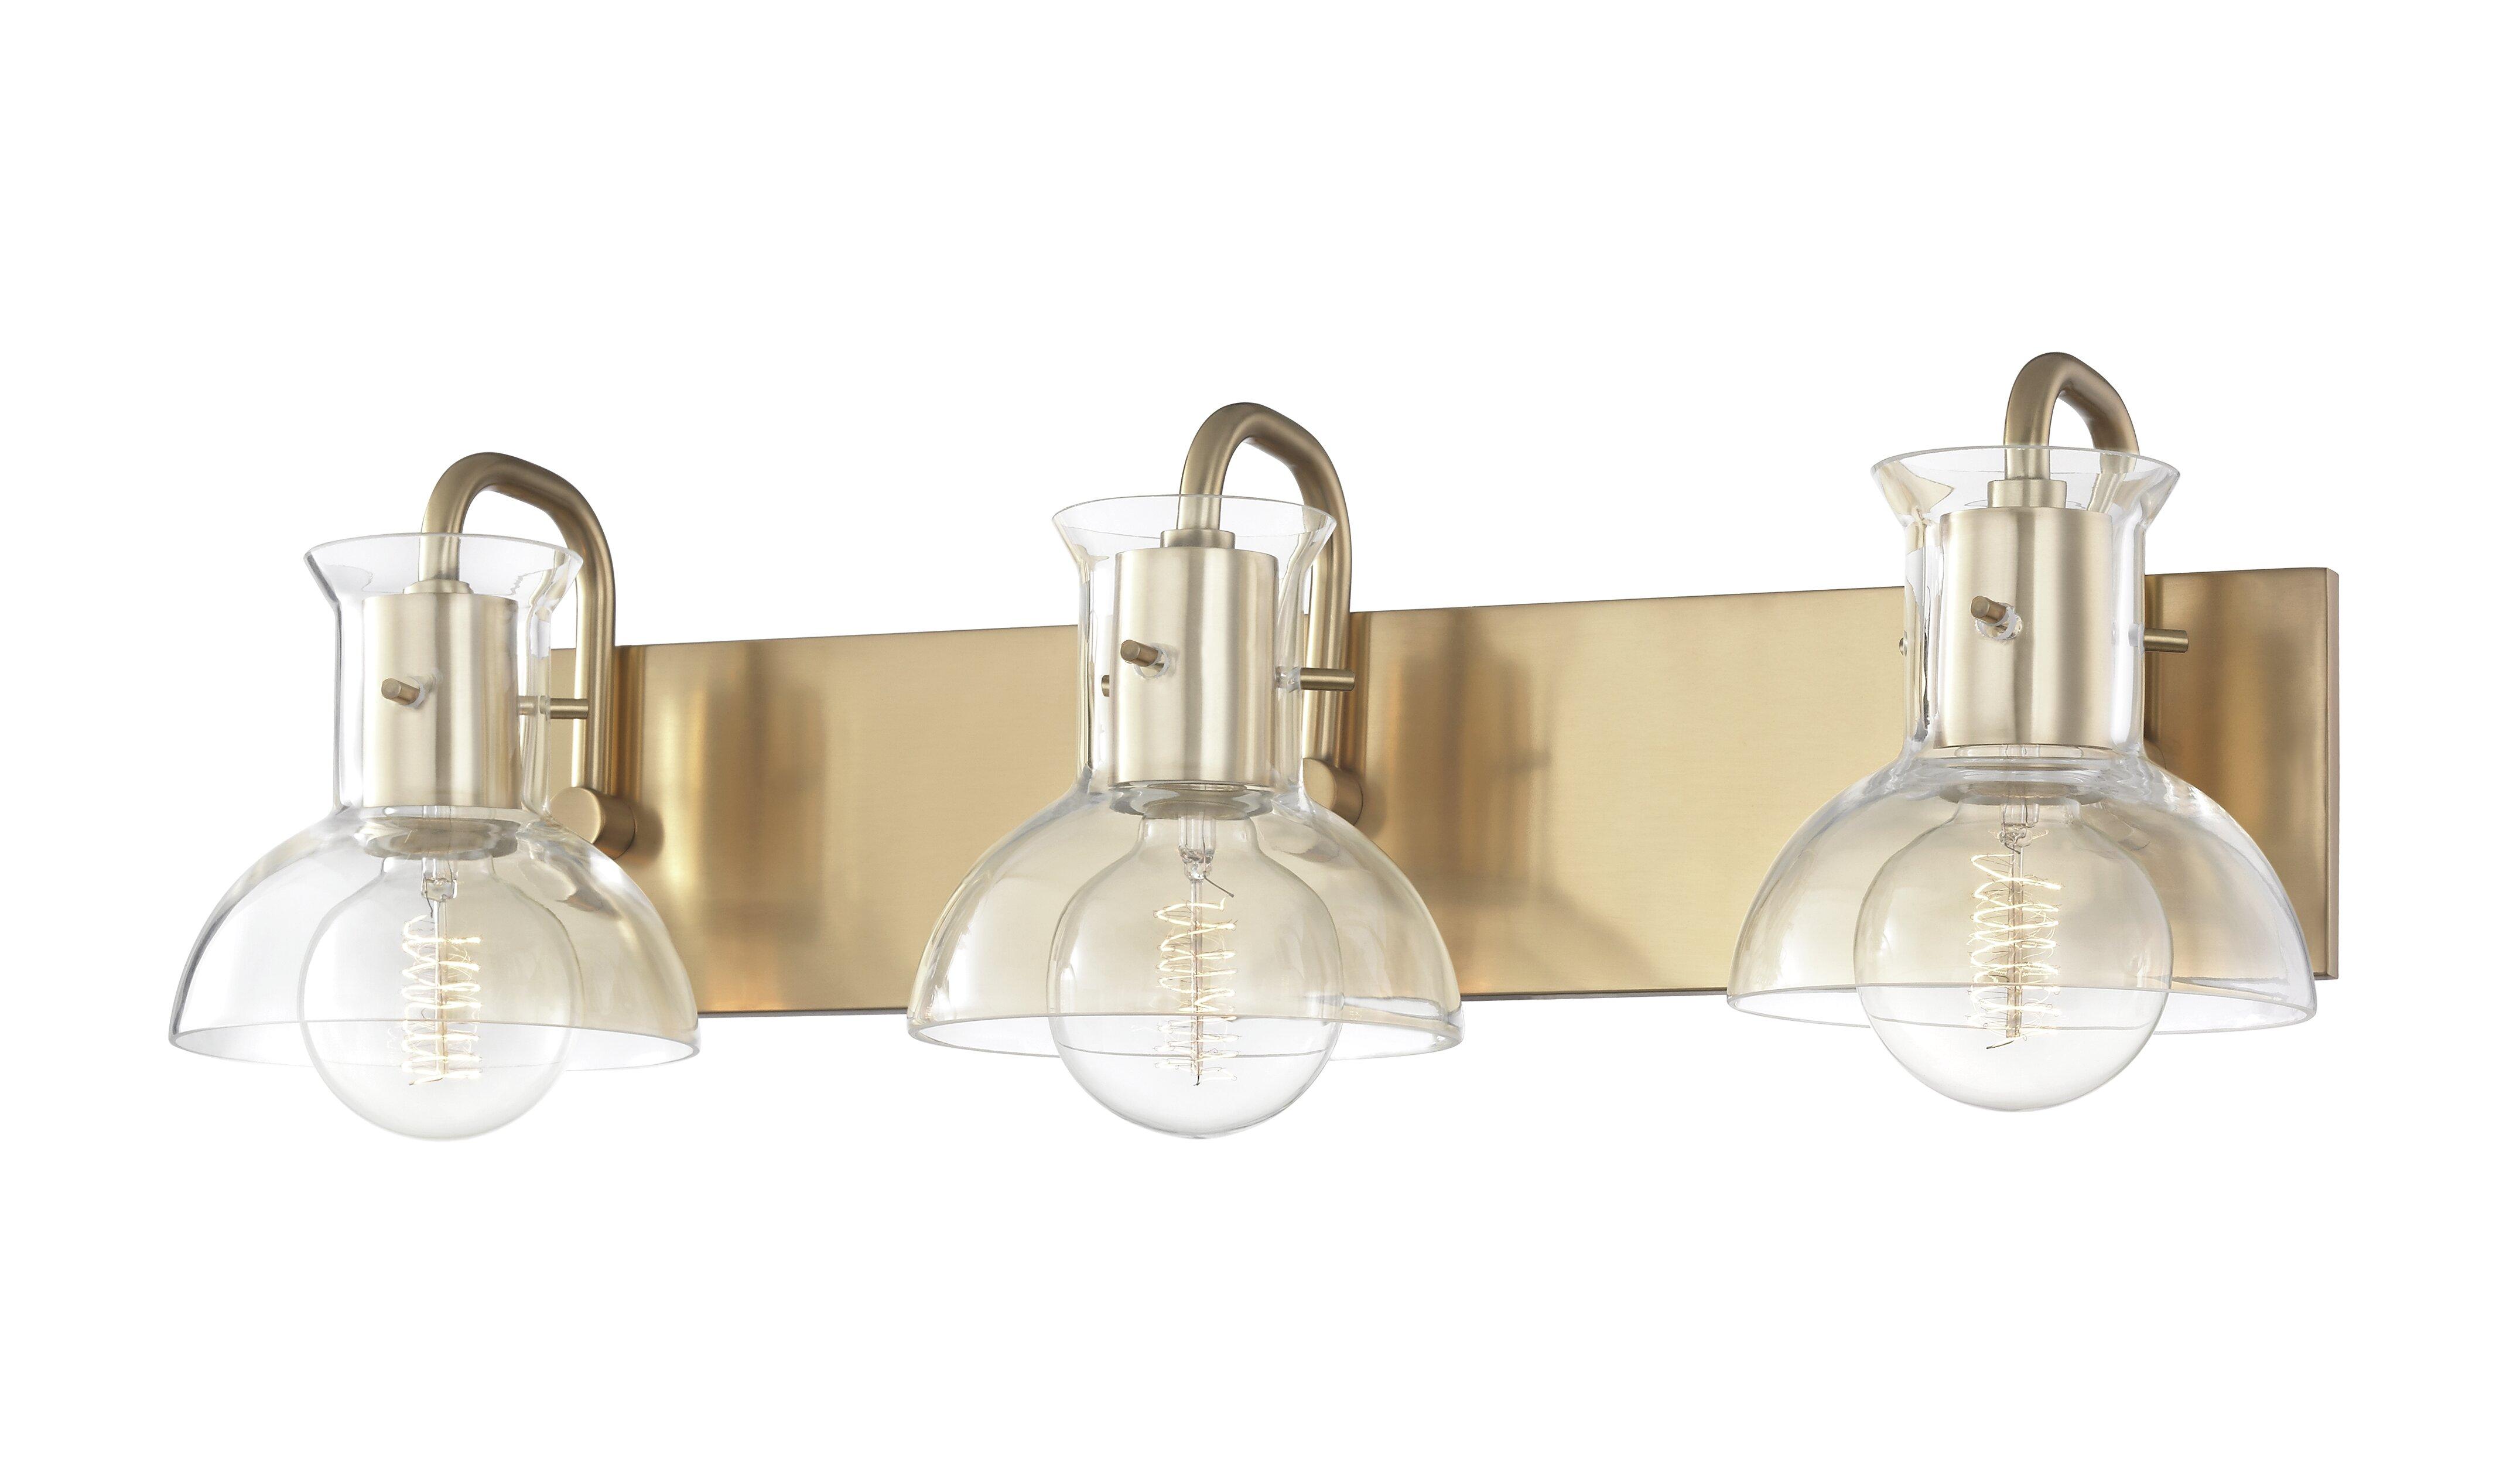 Altamirano 3 Light Dimmable Vanity Light Reviews Allmodern